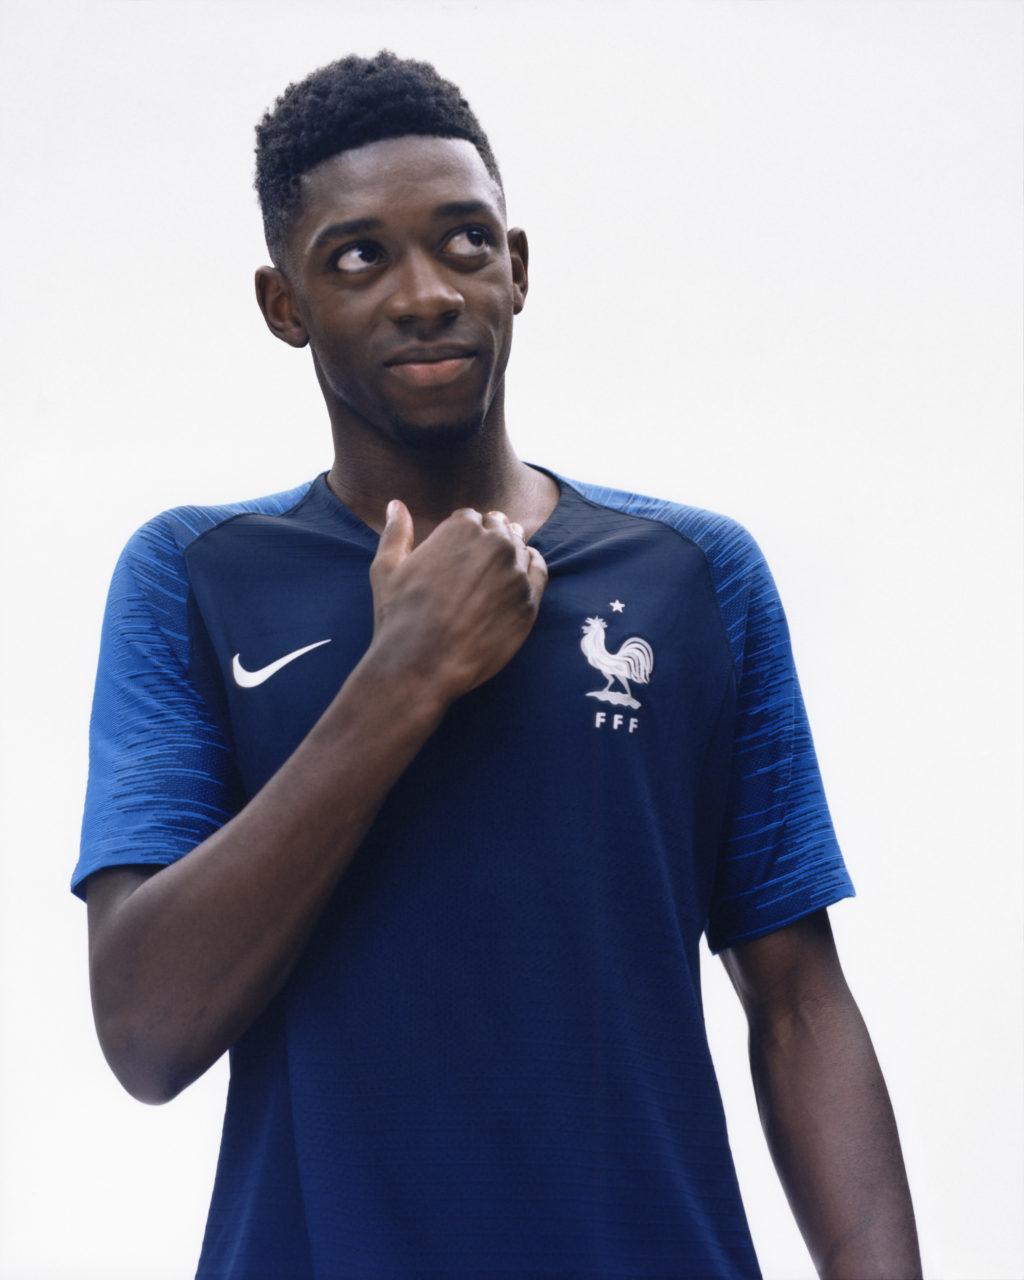 nike d voile les nouveaux maillots de l 39 equipe de france de football pour la coupe du monde 2018. Black Bedroom Furniture Sets. Home Design Ideas